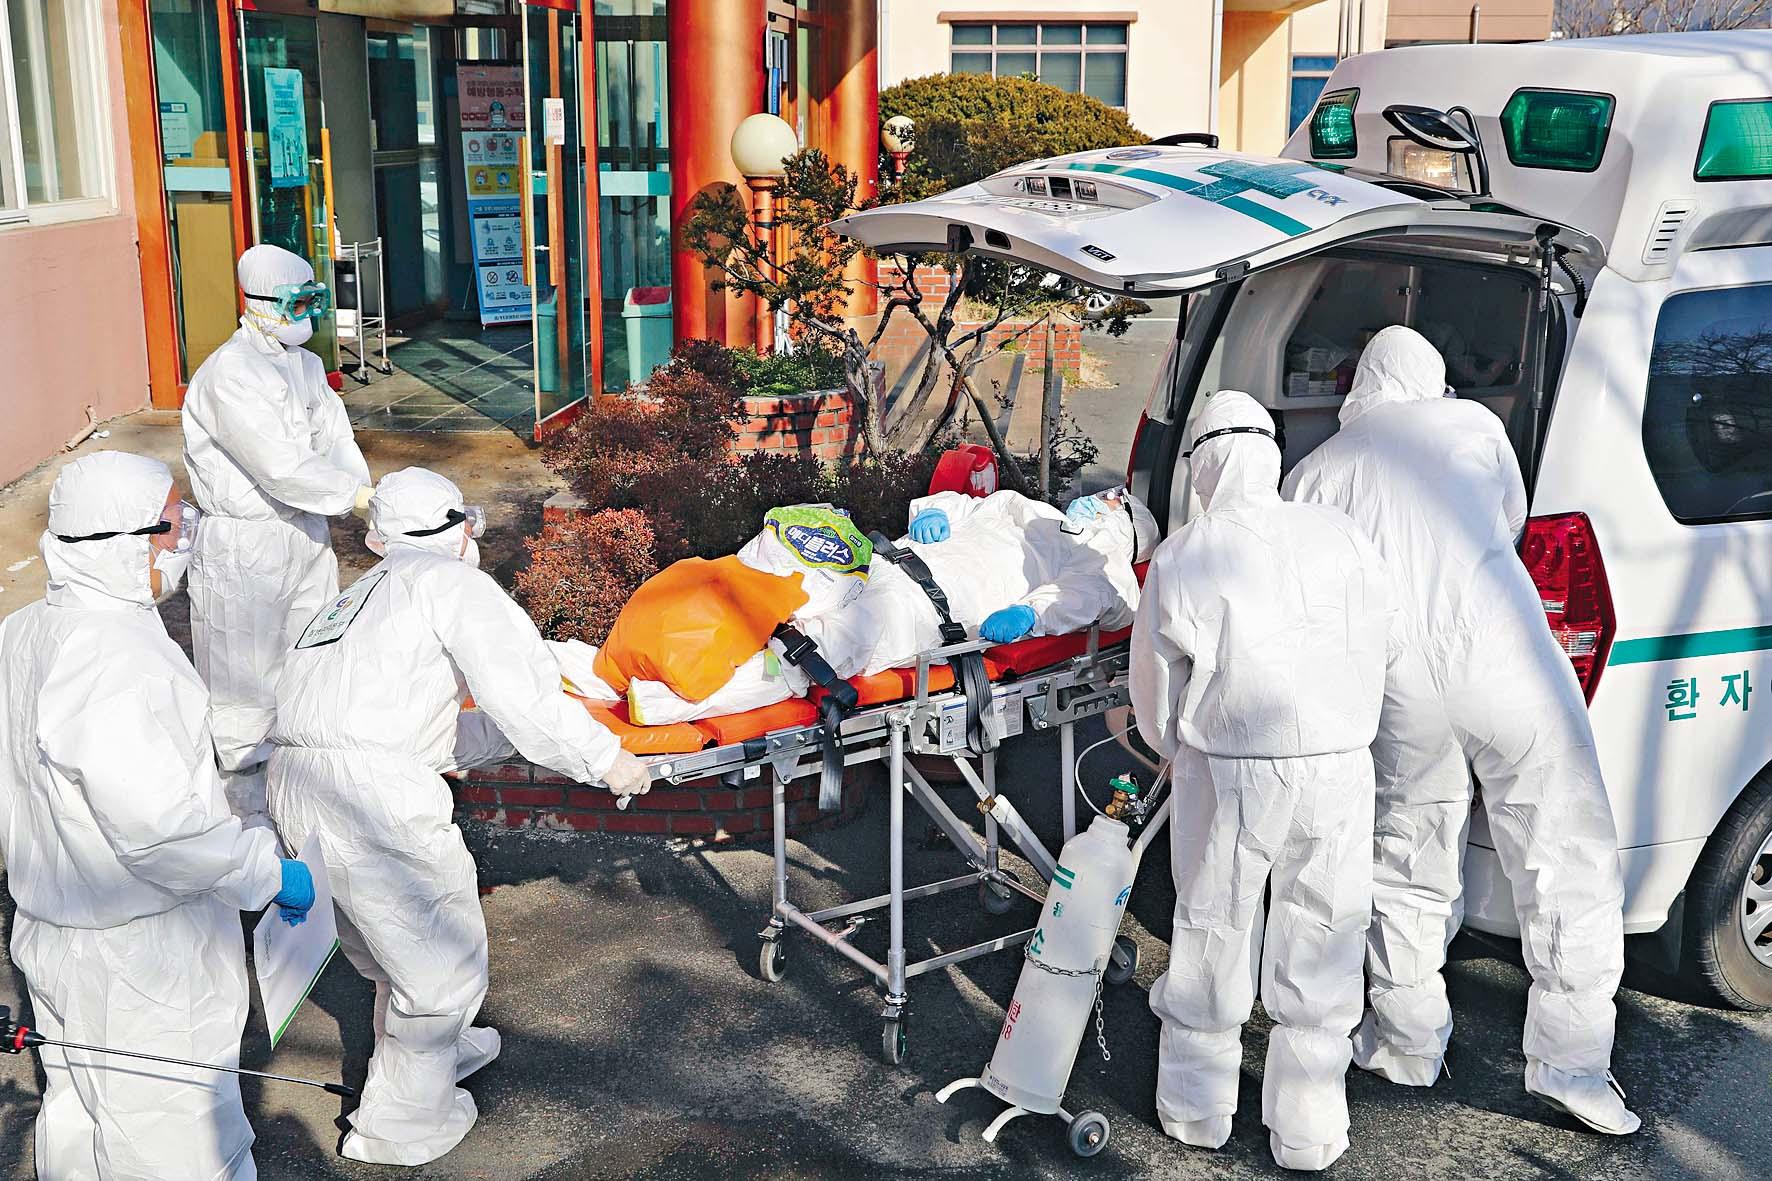 清道郡穿着防護裝備的醫務人員,昨日將一 名疑似新冠肺炎患者送上救護車轉院。 法新社